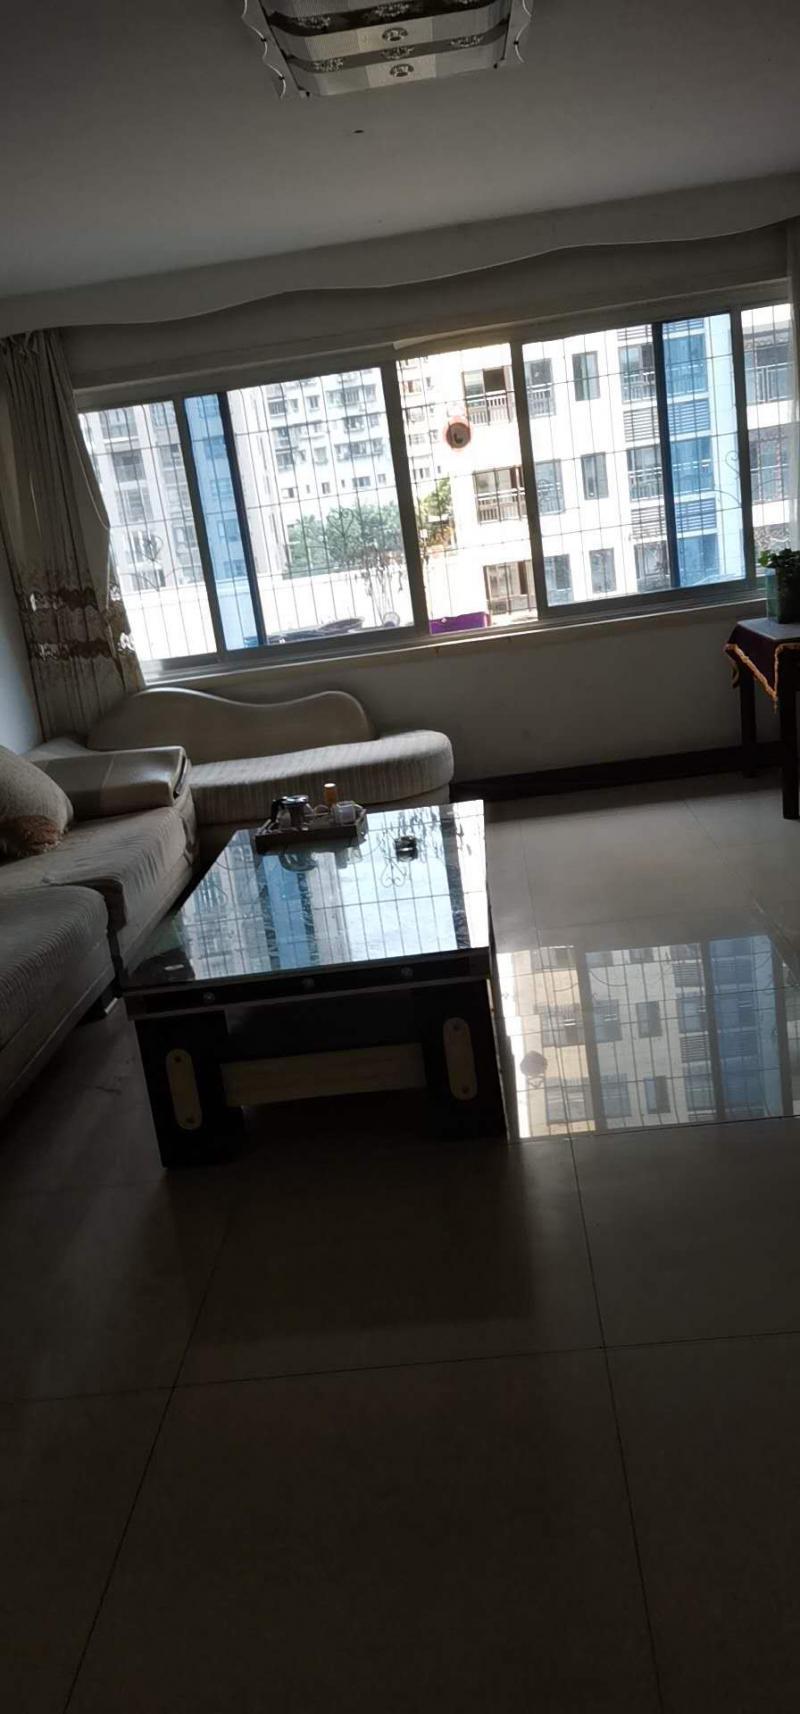 富民花园145平米4室1厅2卫住房1000元/月出租,拎包入